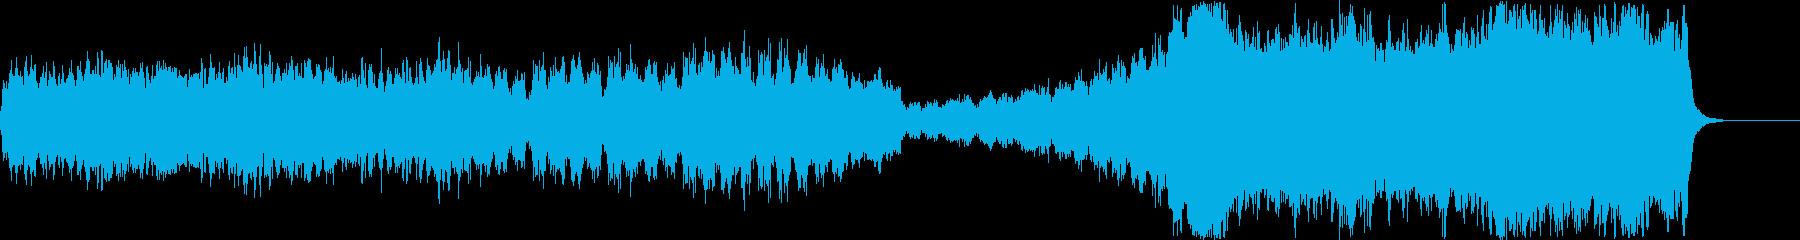 非日常/宇宙的で、運命感のある曲です。…の再生済みの波形